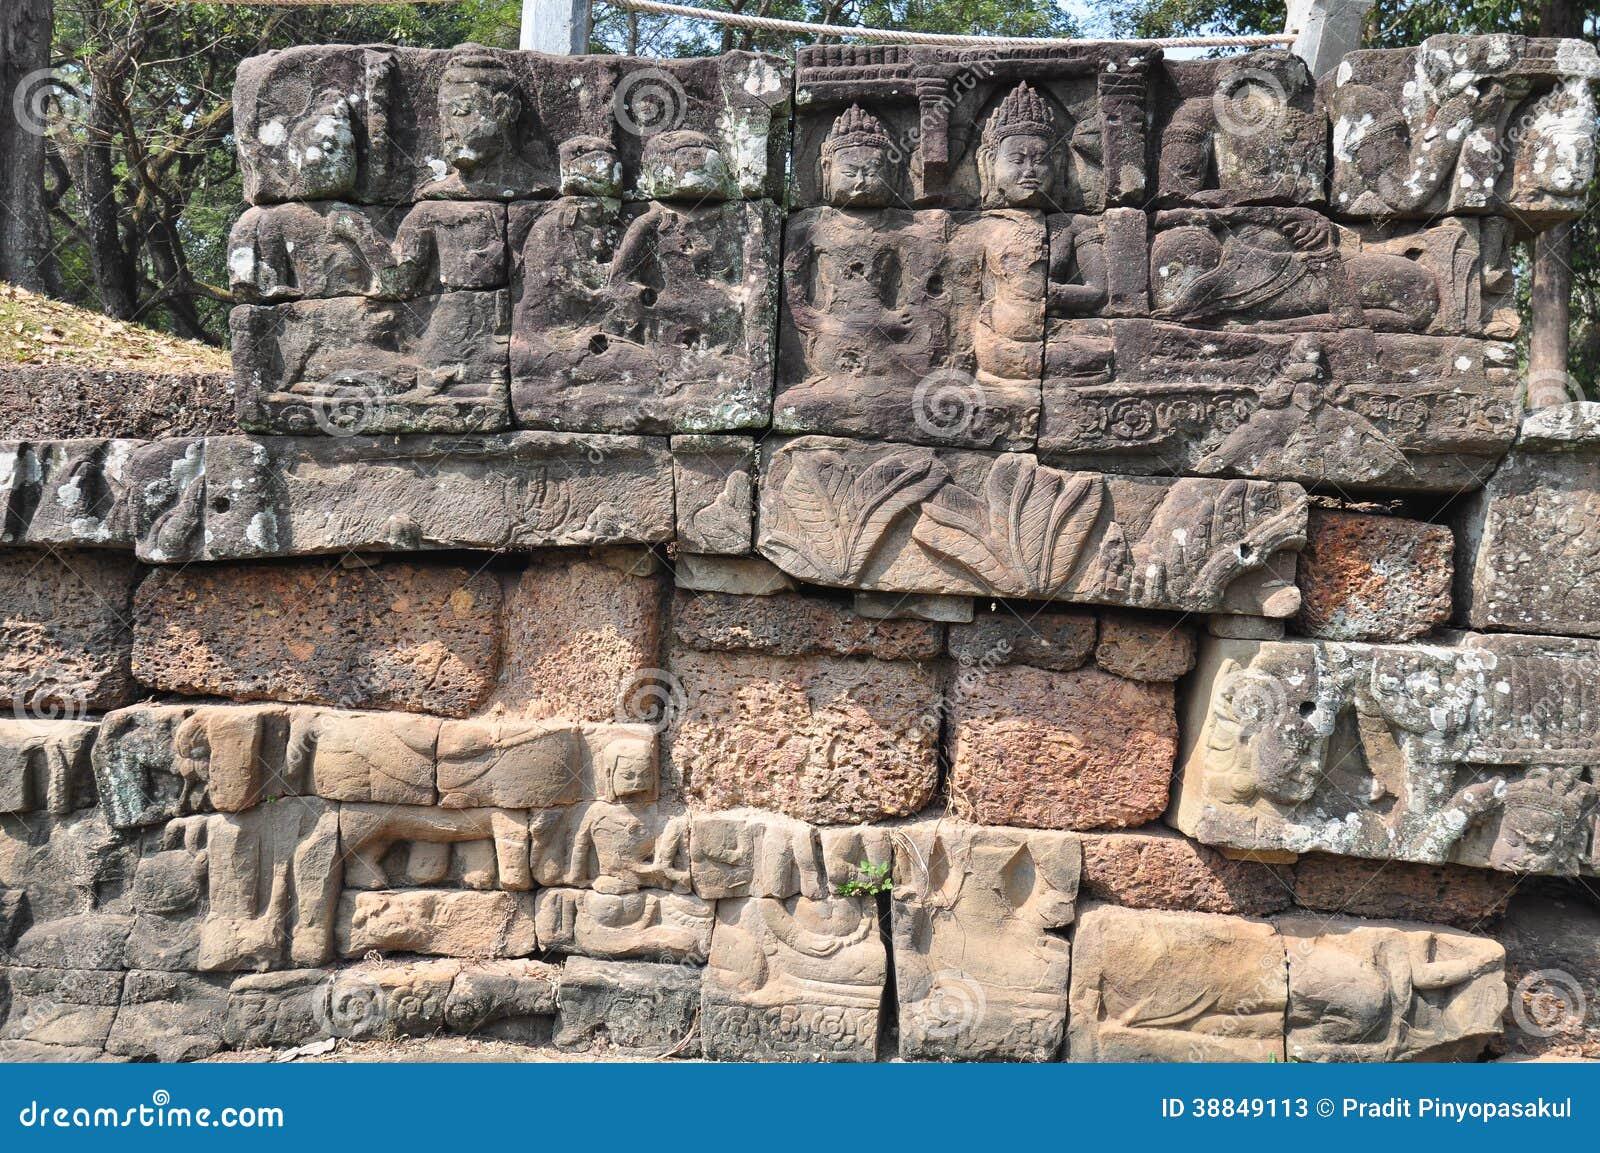 Terrasse Von Aussätzig König In Angkor Thom Tempel In Siem Reap,  Kambodscha. Angkor Thom War Das Letzte Und Die Meiste Aushaltene Hauptstadt  Des ...